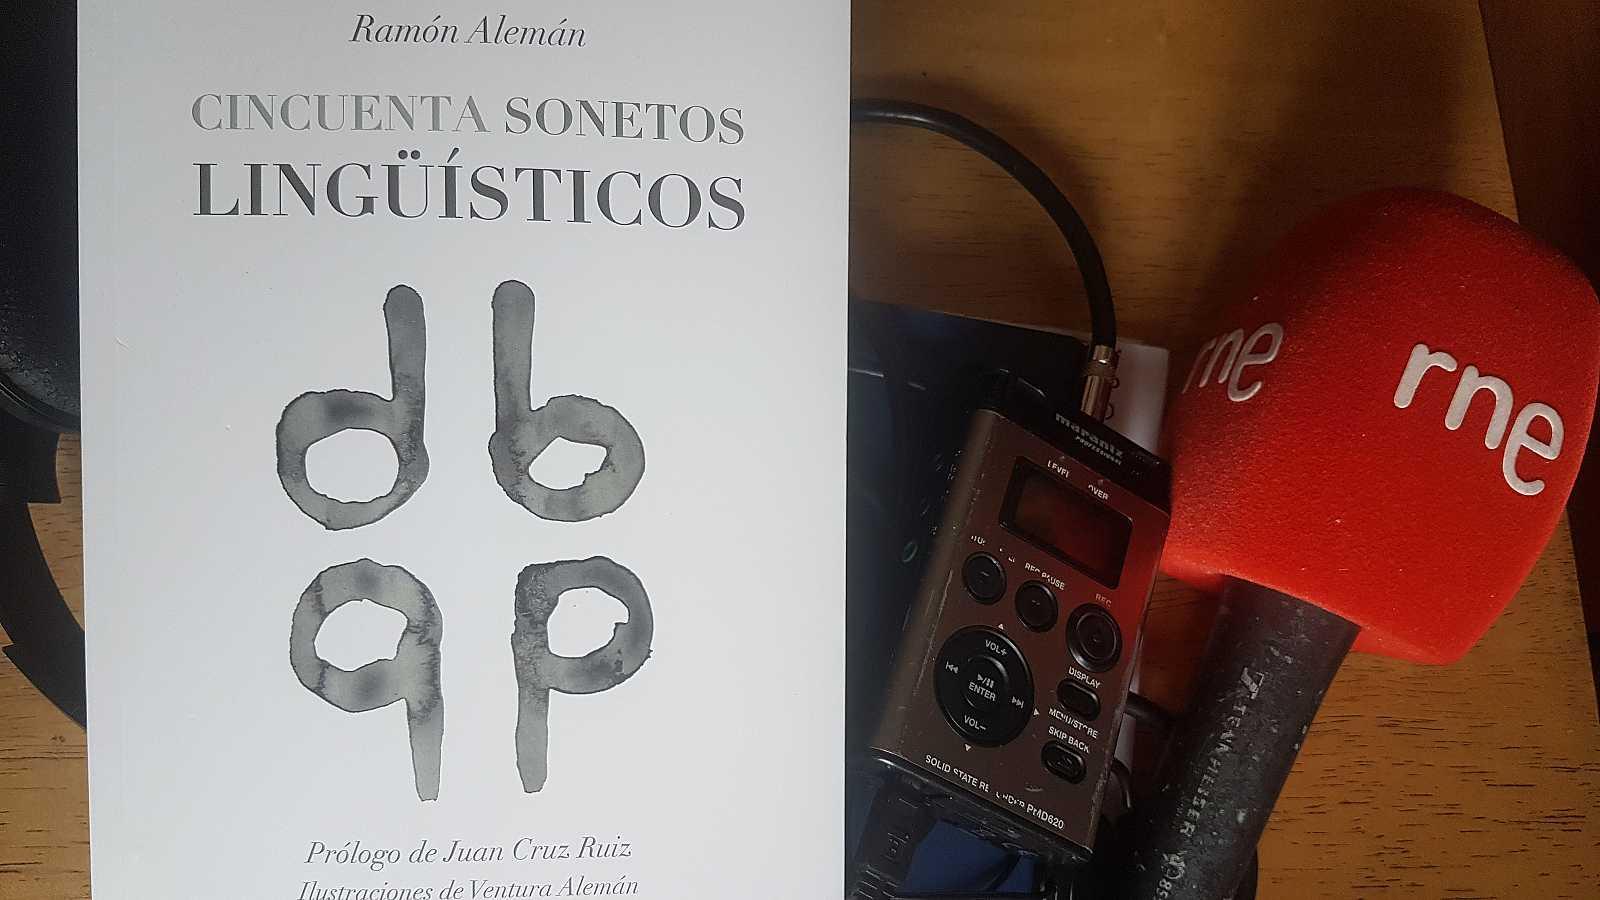 Un idioma sin fronteras - Lavadora de Textos: Ramón Alemán - 07/11/20 - Escuchar ahora